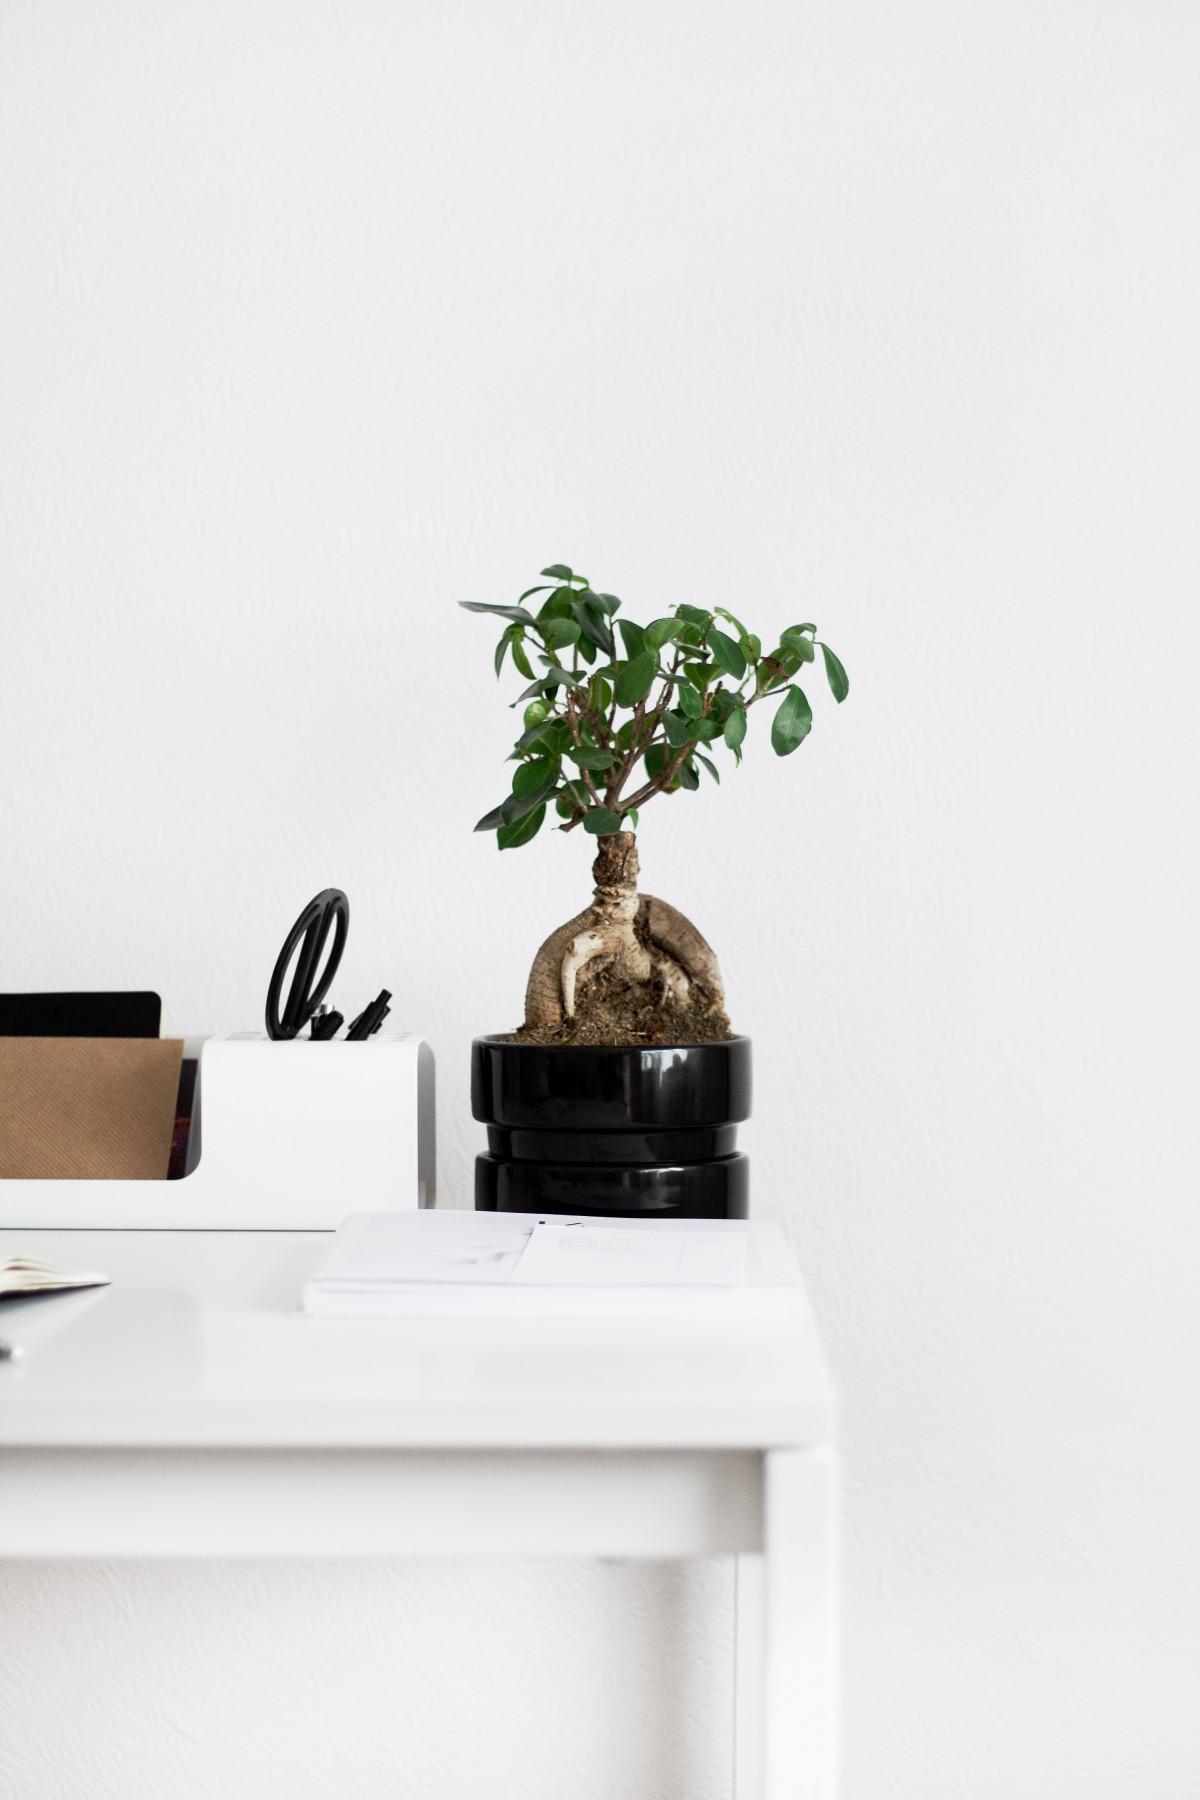 무료 이미지 : 표, 목재, 꽃, 정물, 관엽 식물, 인테리어 디자인 ...